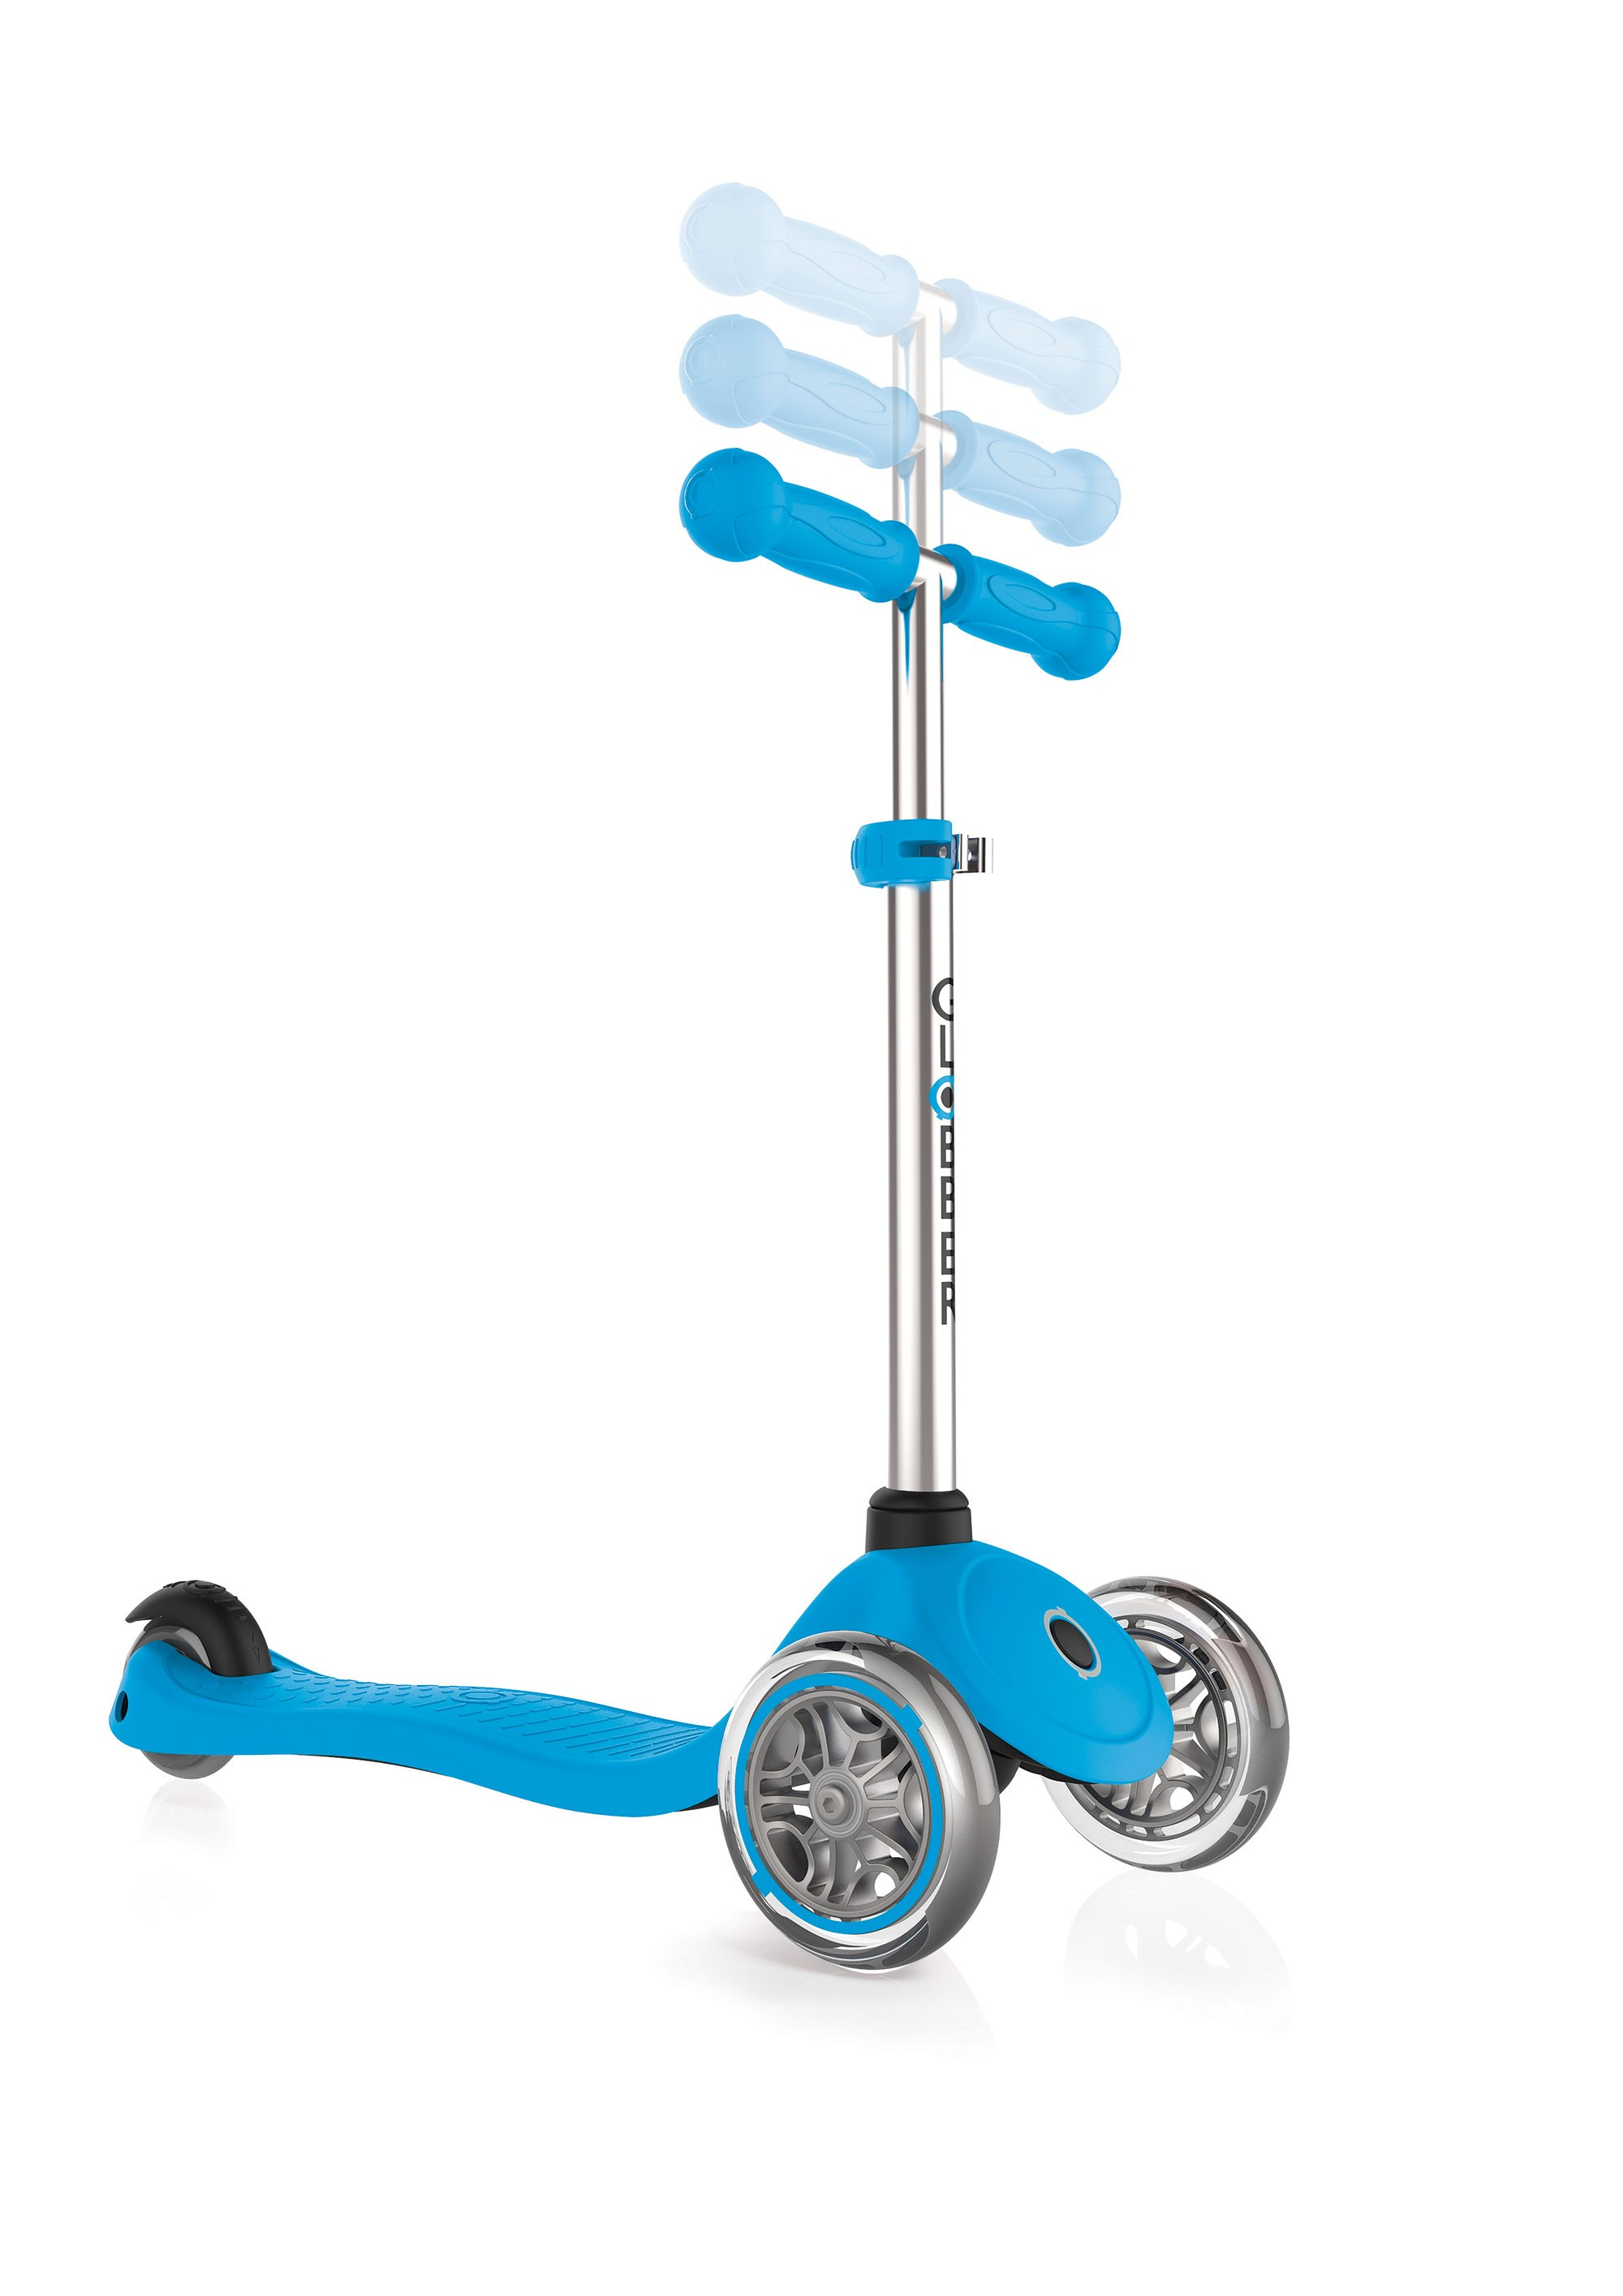 Scooter / Kinderroller Globber Primo himmelblau Bild 2